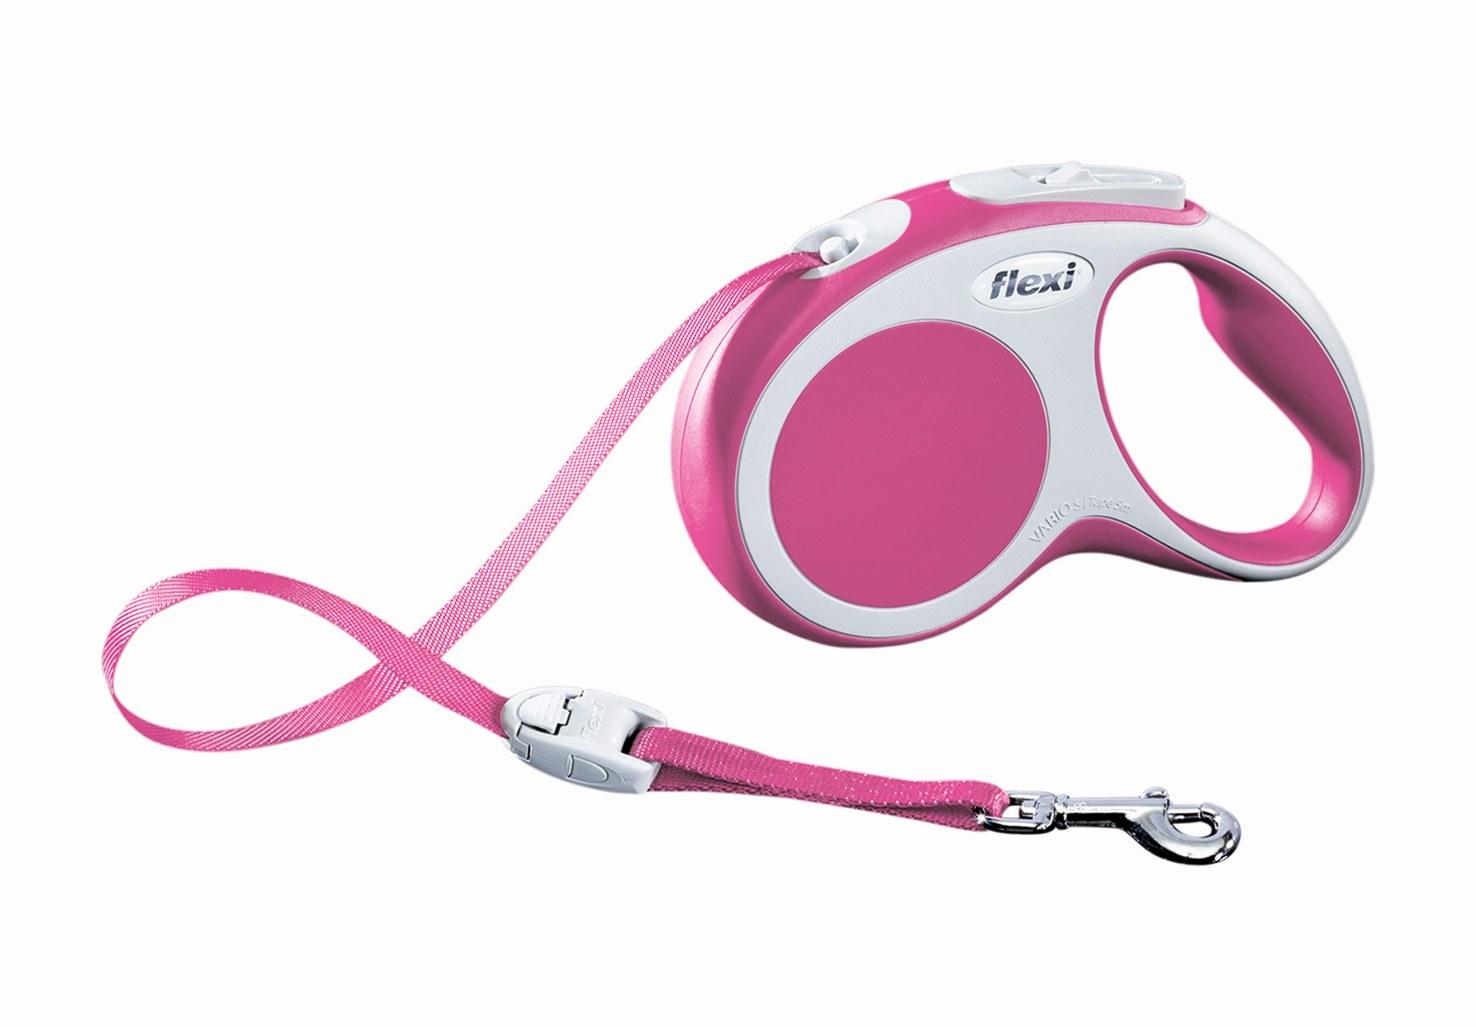 Поводок-рулетка Flexi Vario Compact S для собак до 15 кг, цвет: розовый, 5 м53494Поводок-рулетка Flexi Vario Compact S изготовлен из пластика и нейлона. Ленточный поводок обеспечивает каждой собаке свободу движения, что идет на пользу здоровью и радует вашего четвероногого друга. Рулетка очень проста в использовании, оснащена кнопками кратковременной и постоянной фиксации. Ее можно оснастить - мультибоксом для лакомств или пакетиков для сбора фекалий, LED подсветкой корпуса, своркой или ремнем с LED подсветкой. Поводок имеет прочный корпус, хромированную застежку и светоотражающие элементы.Длина поводка: 5 м. Максимальная нагрузка: 15 кг.Товар сертифицирован.